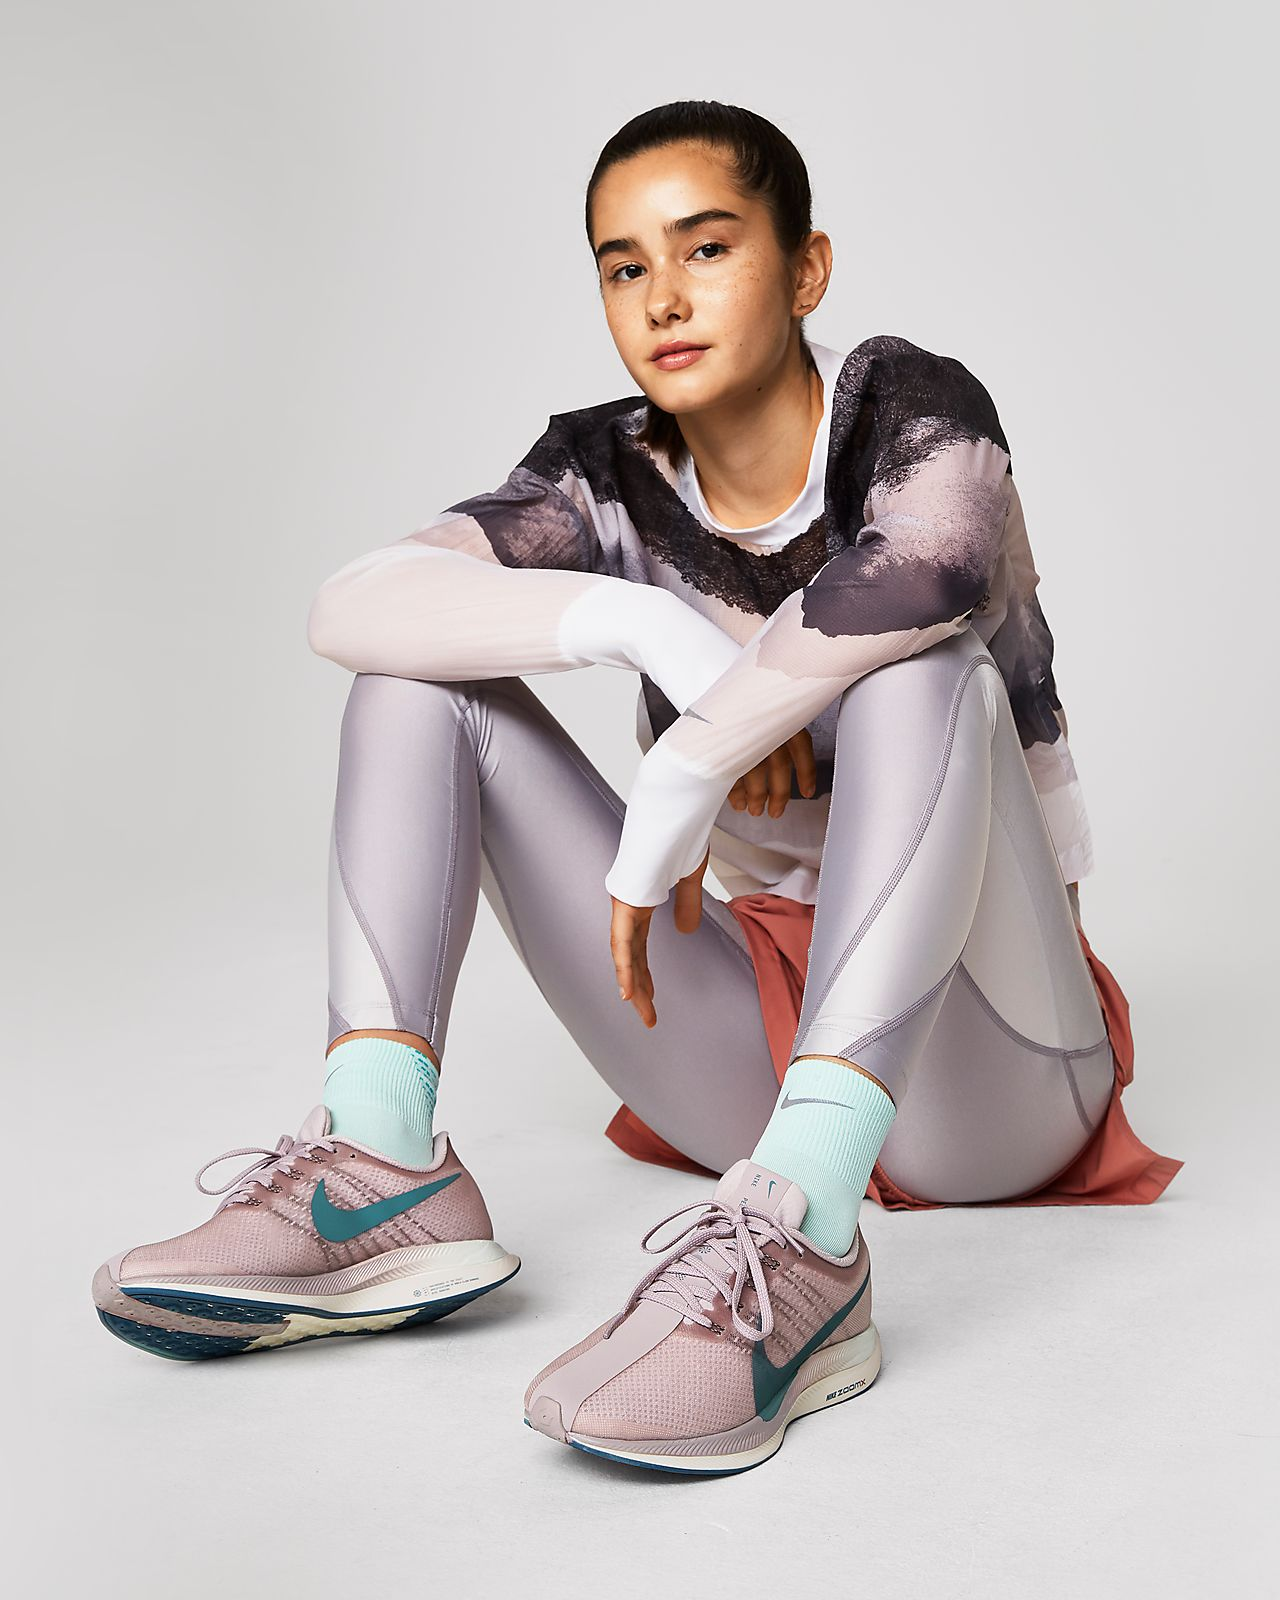 bd9931cac6a9c Nike Zoom Pegasus Turbo Women s Running Shoe. Nike.com CH